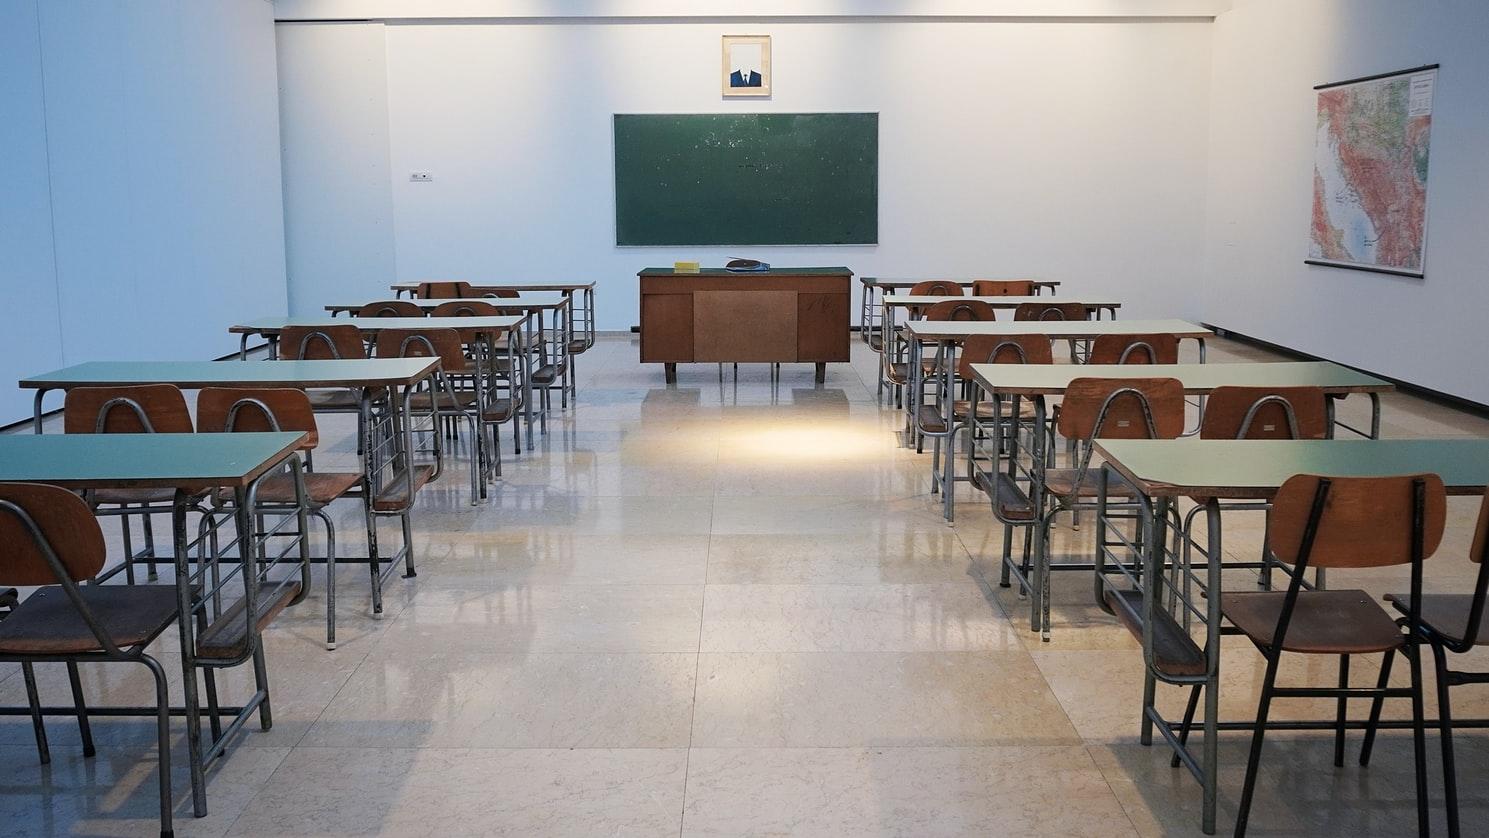 Riapertura scuole: nodo che rallenta il nuovo Dpcm. Le ipotesi sul tavolo